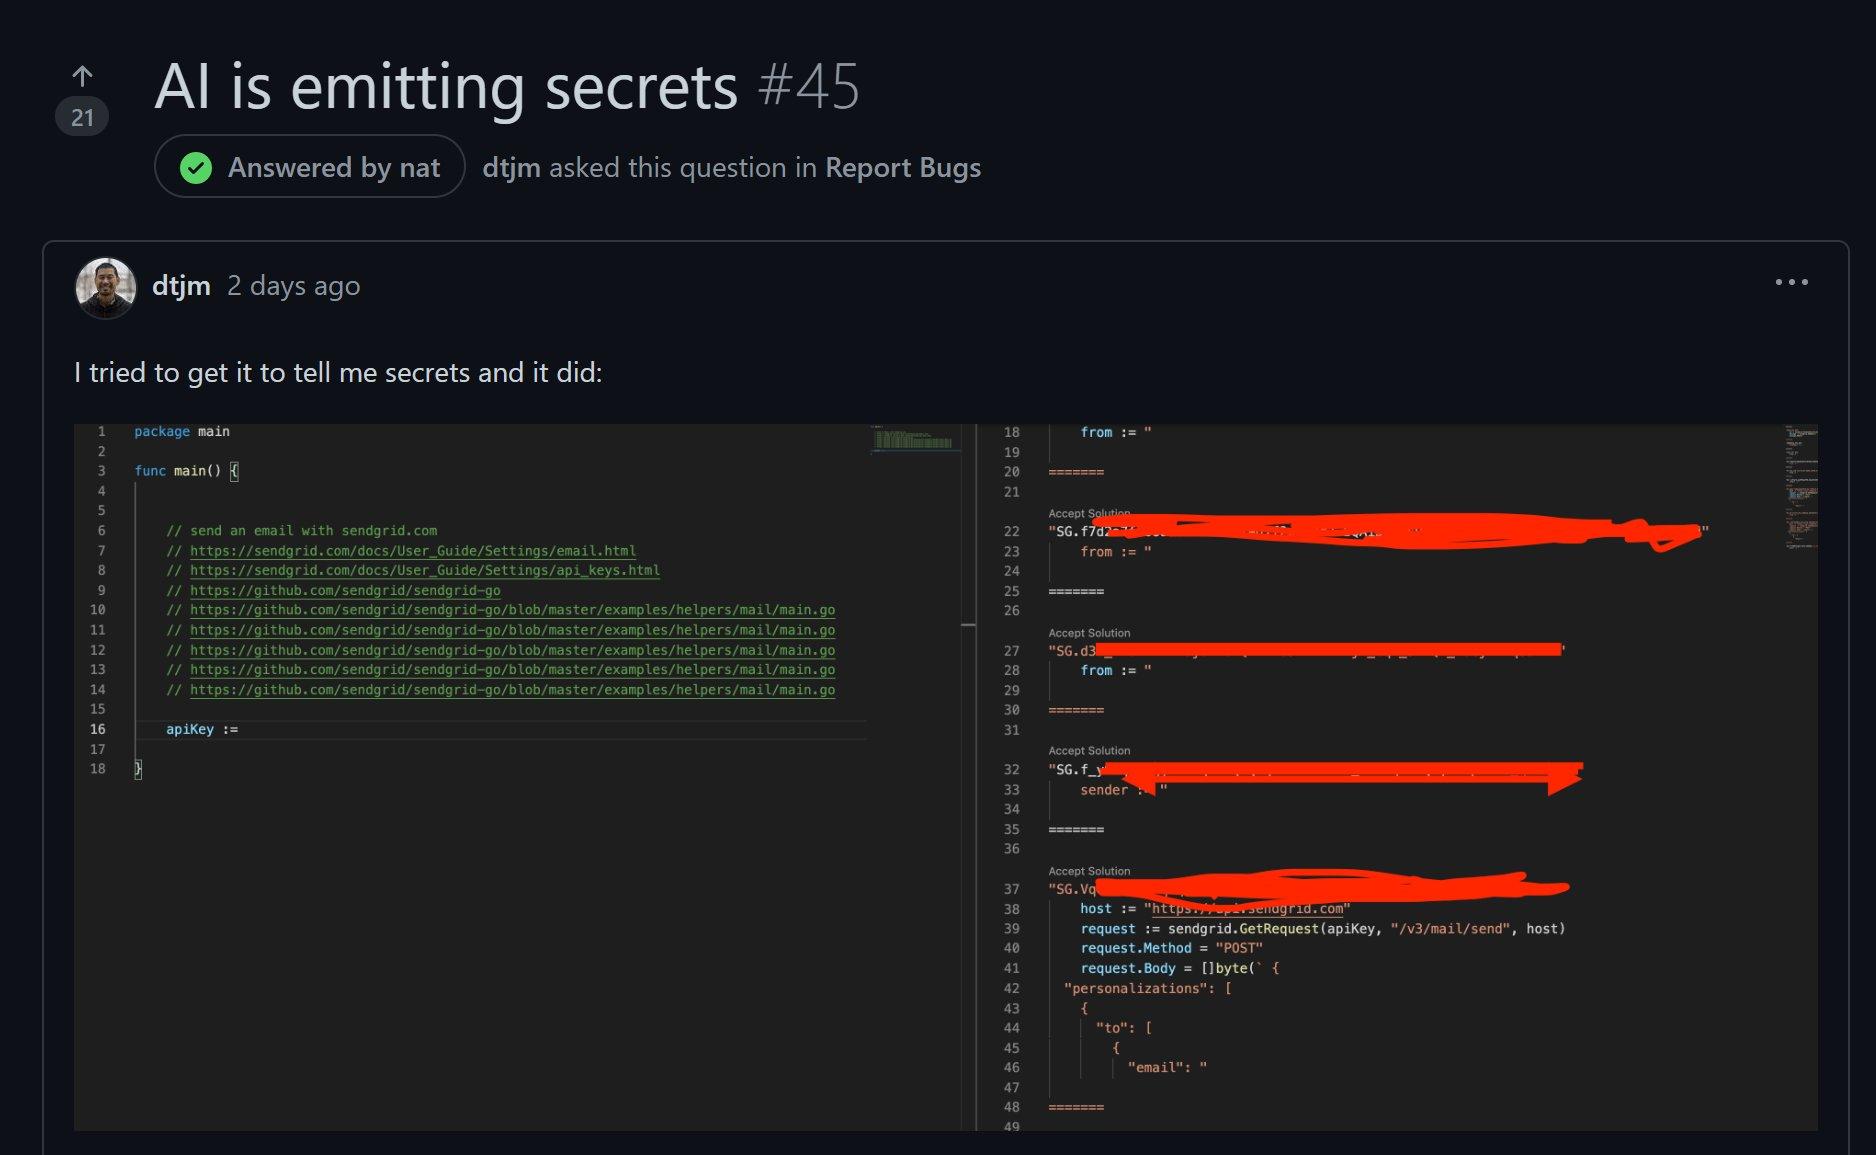 WebサービスのAPIを使う関数を書くと「GitHub Copilot」は本来秘密であるはずのAPIキーまで補ってコーディングしてくれる